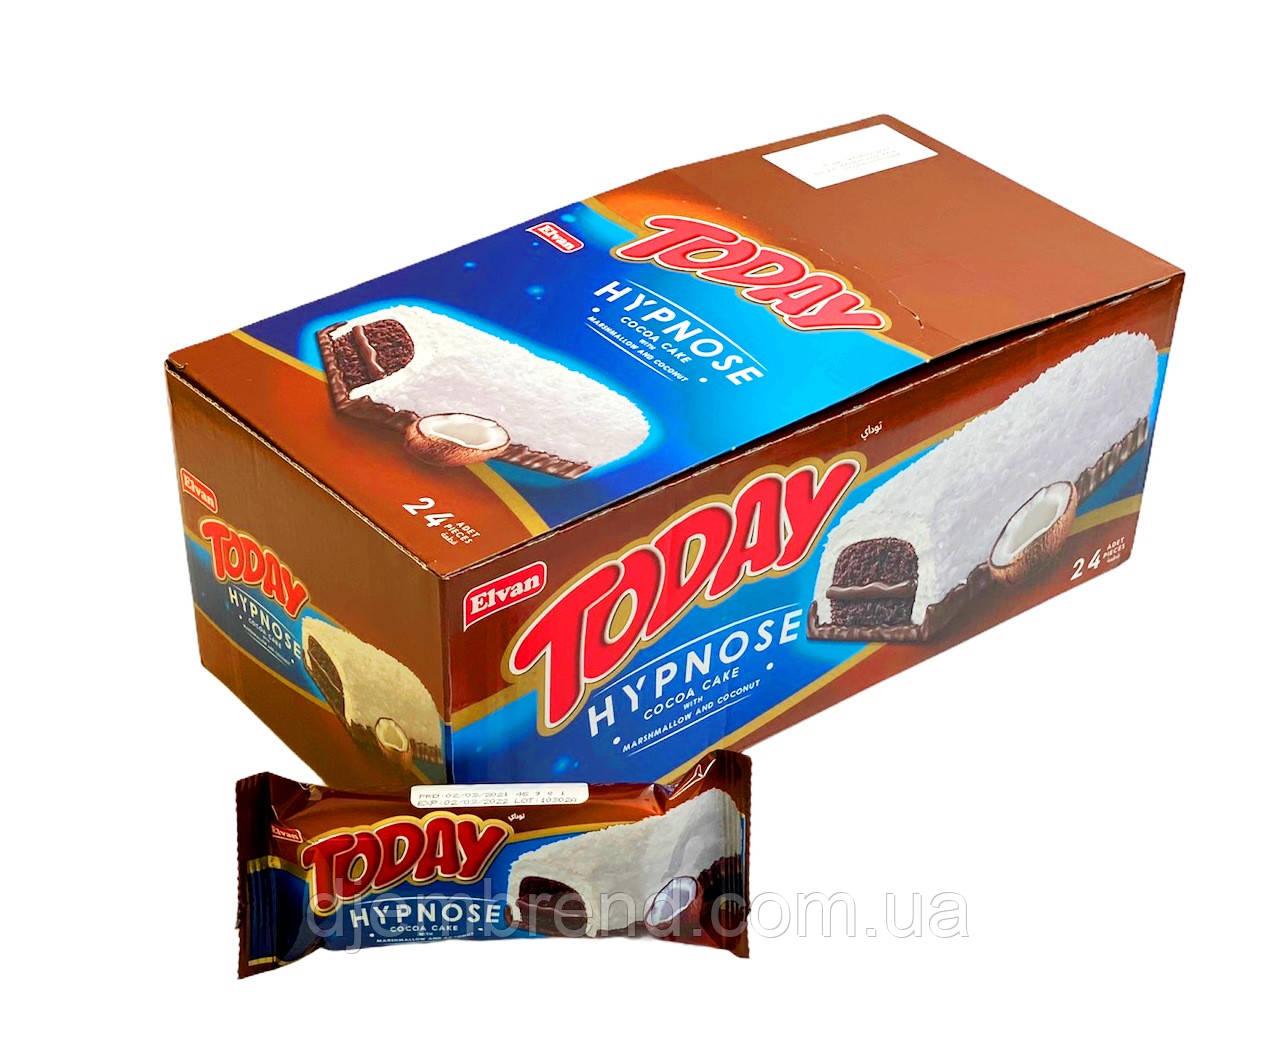 Бисквитное пирожное Today Hypnose Cocoa Cake, 24 шт в коробке. Вес 45 г